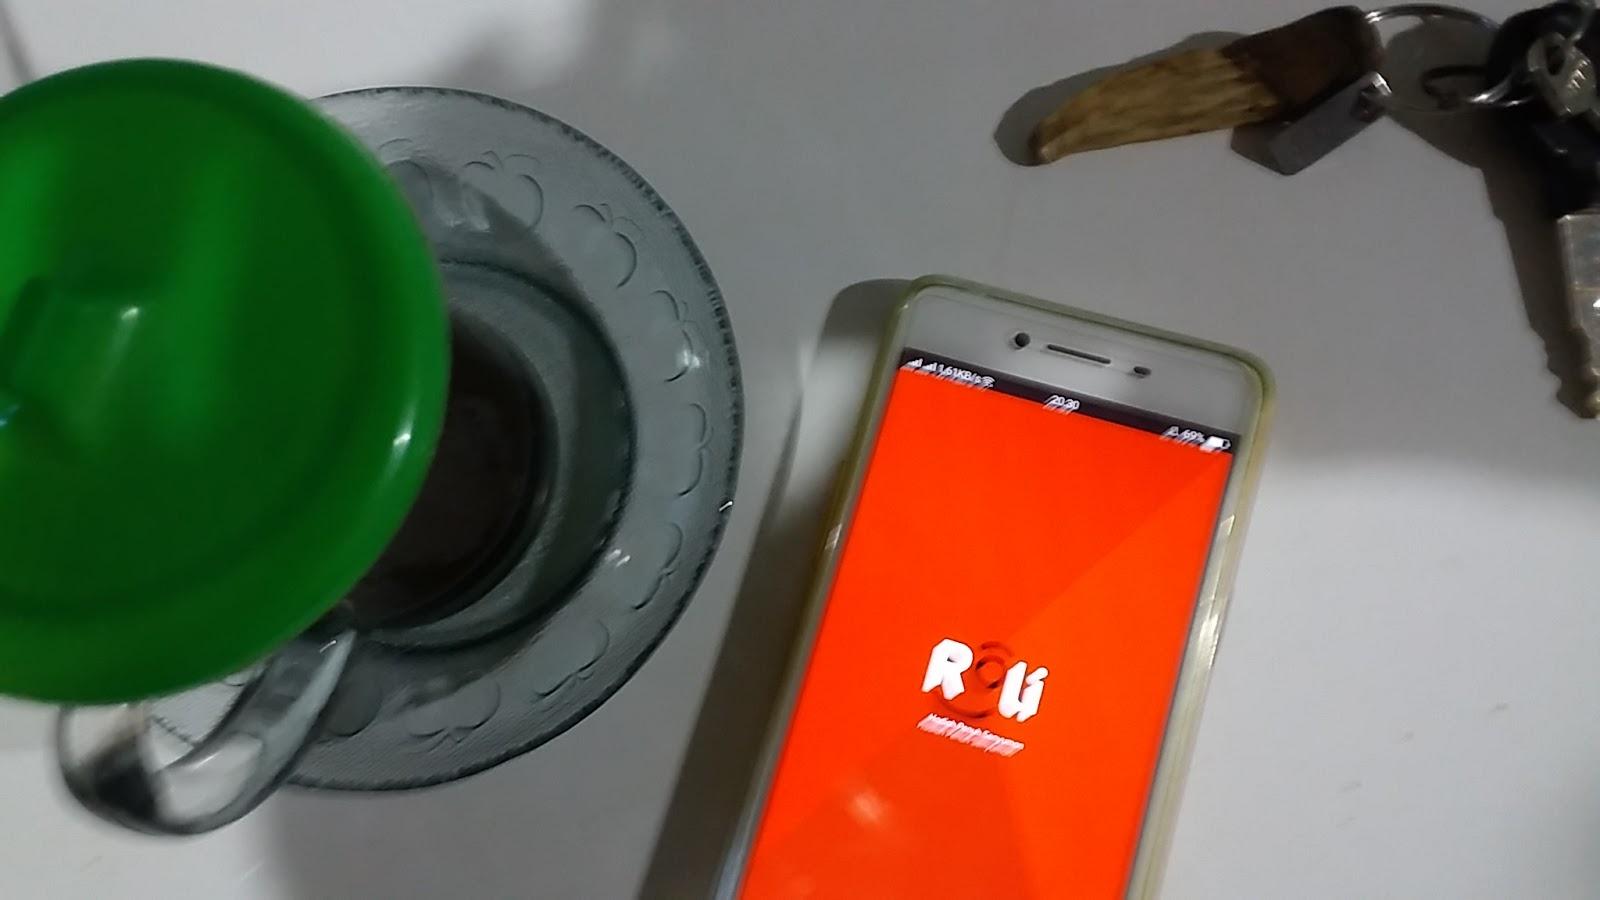 Cara Mendapatkan Kuota 300 MB Setiap Bulan Dari Telkomsel